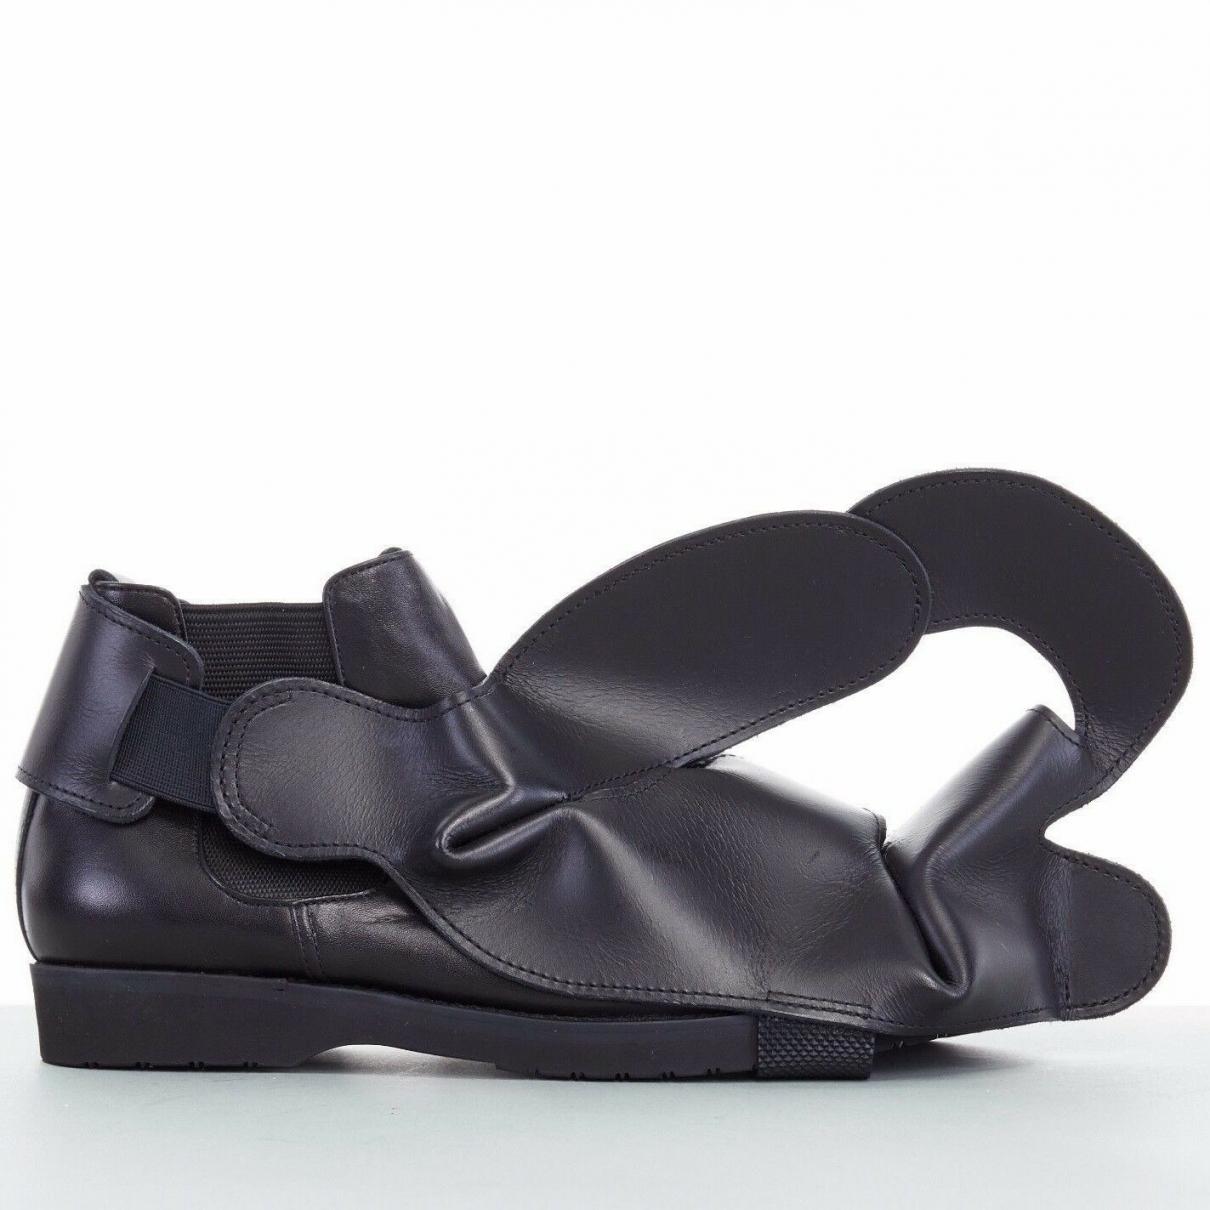 Comme Des Garcons \N Black Leather Flats for Women 34 EU